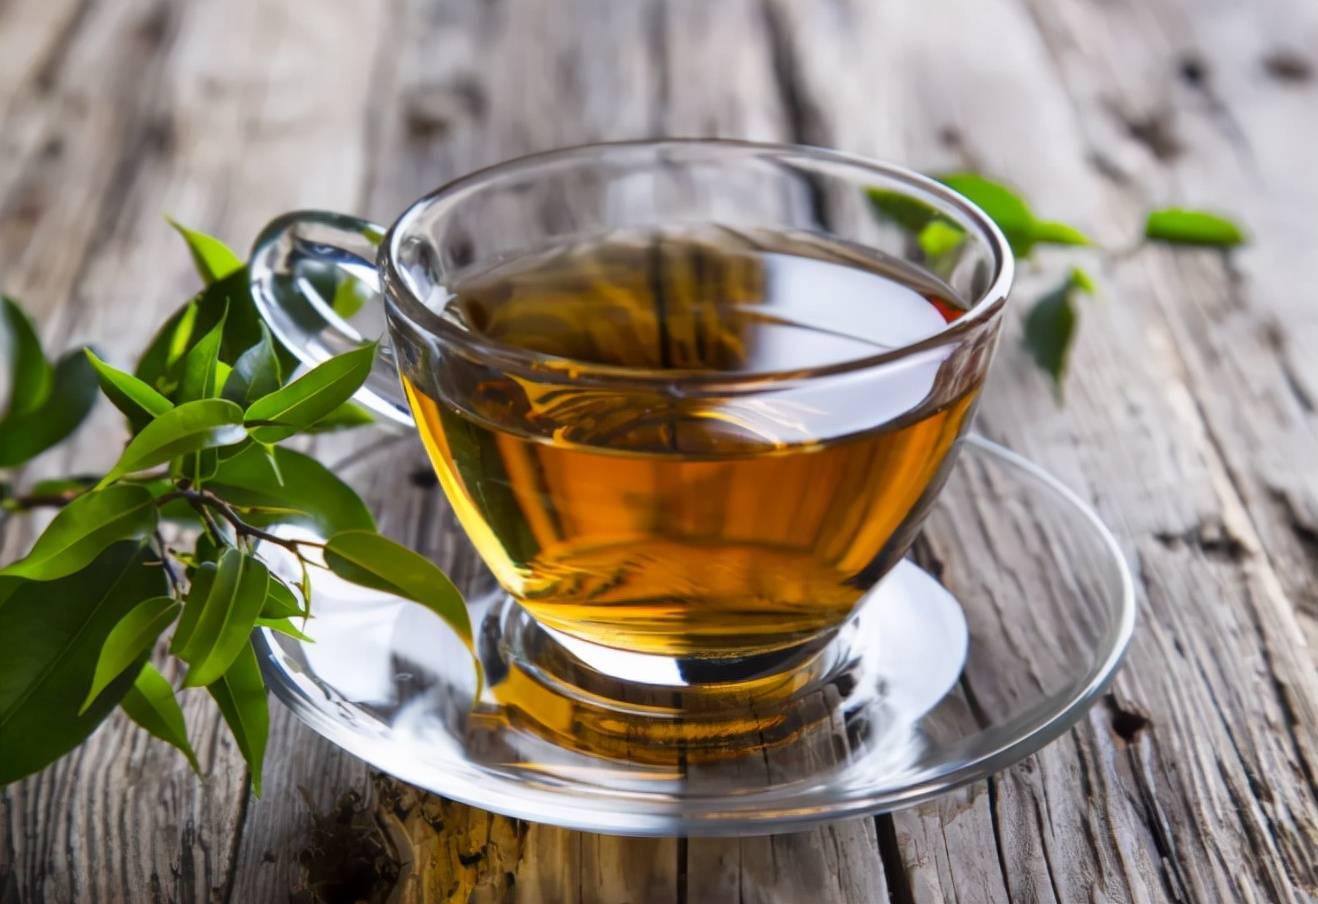 长期喝茶的人与只喝白开水的人相比,哪个更健康?  喝茶叶水吃辣片什么害处